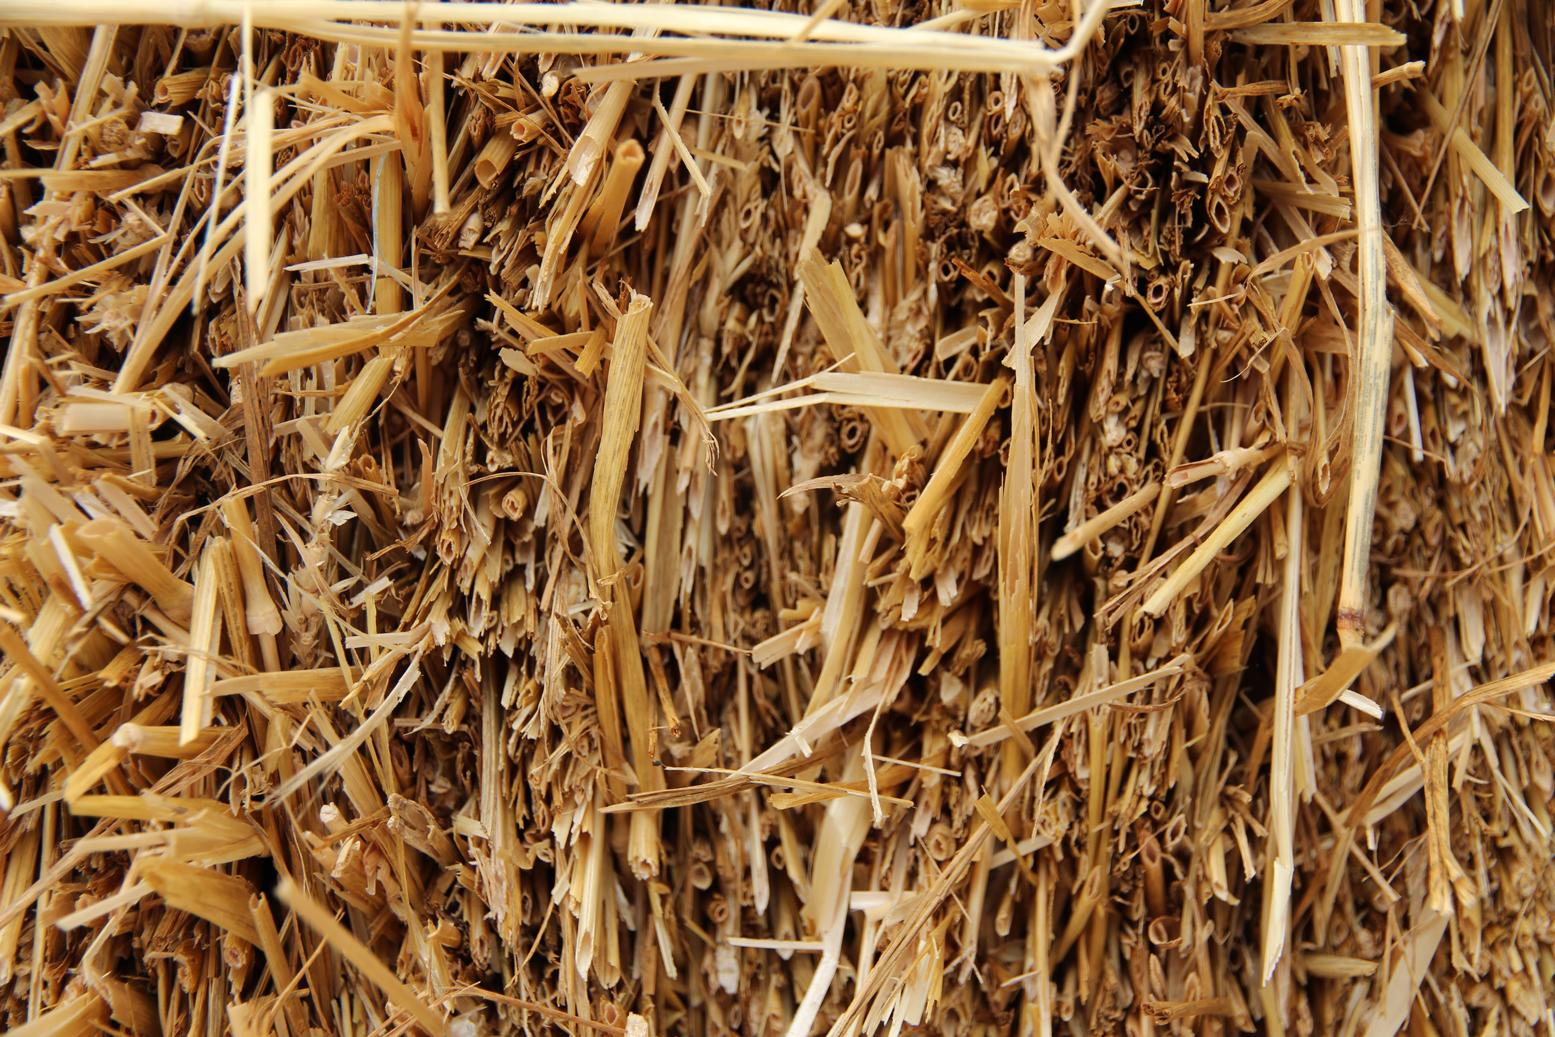 Paille : les pailles de céréales, déchets agricoles disponibles en circuit court